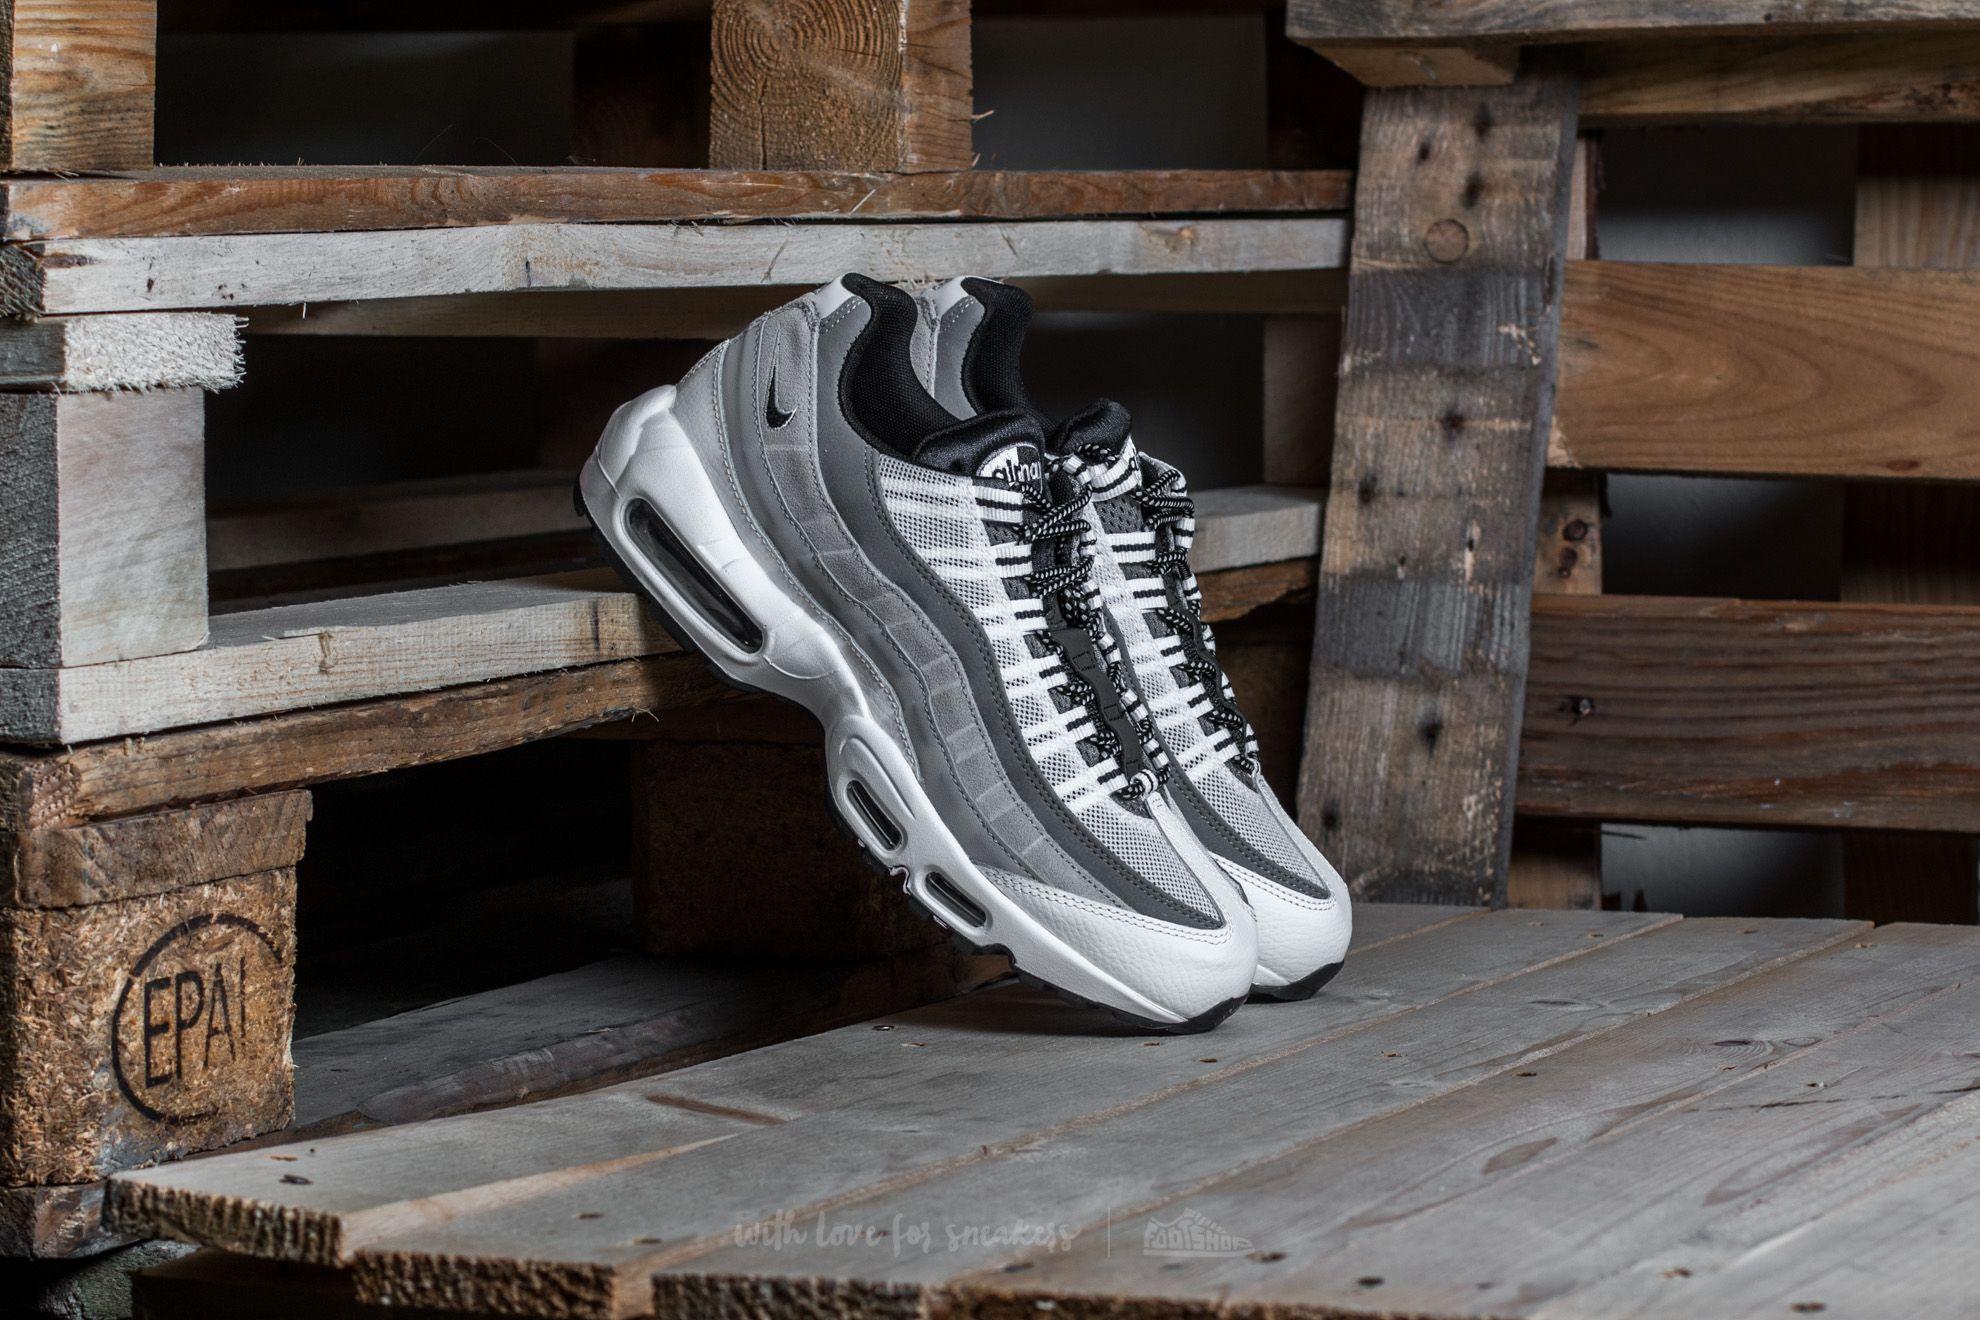 Nike Air Max 95 Essential White  Black-Wolf Grey  64ae2aea1e44